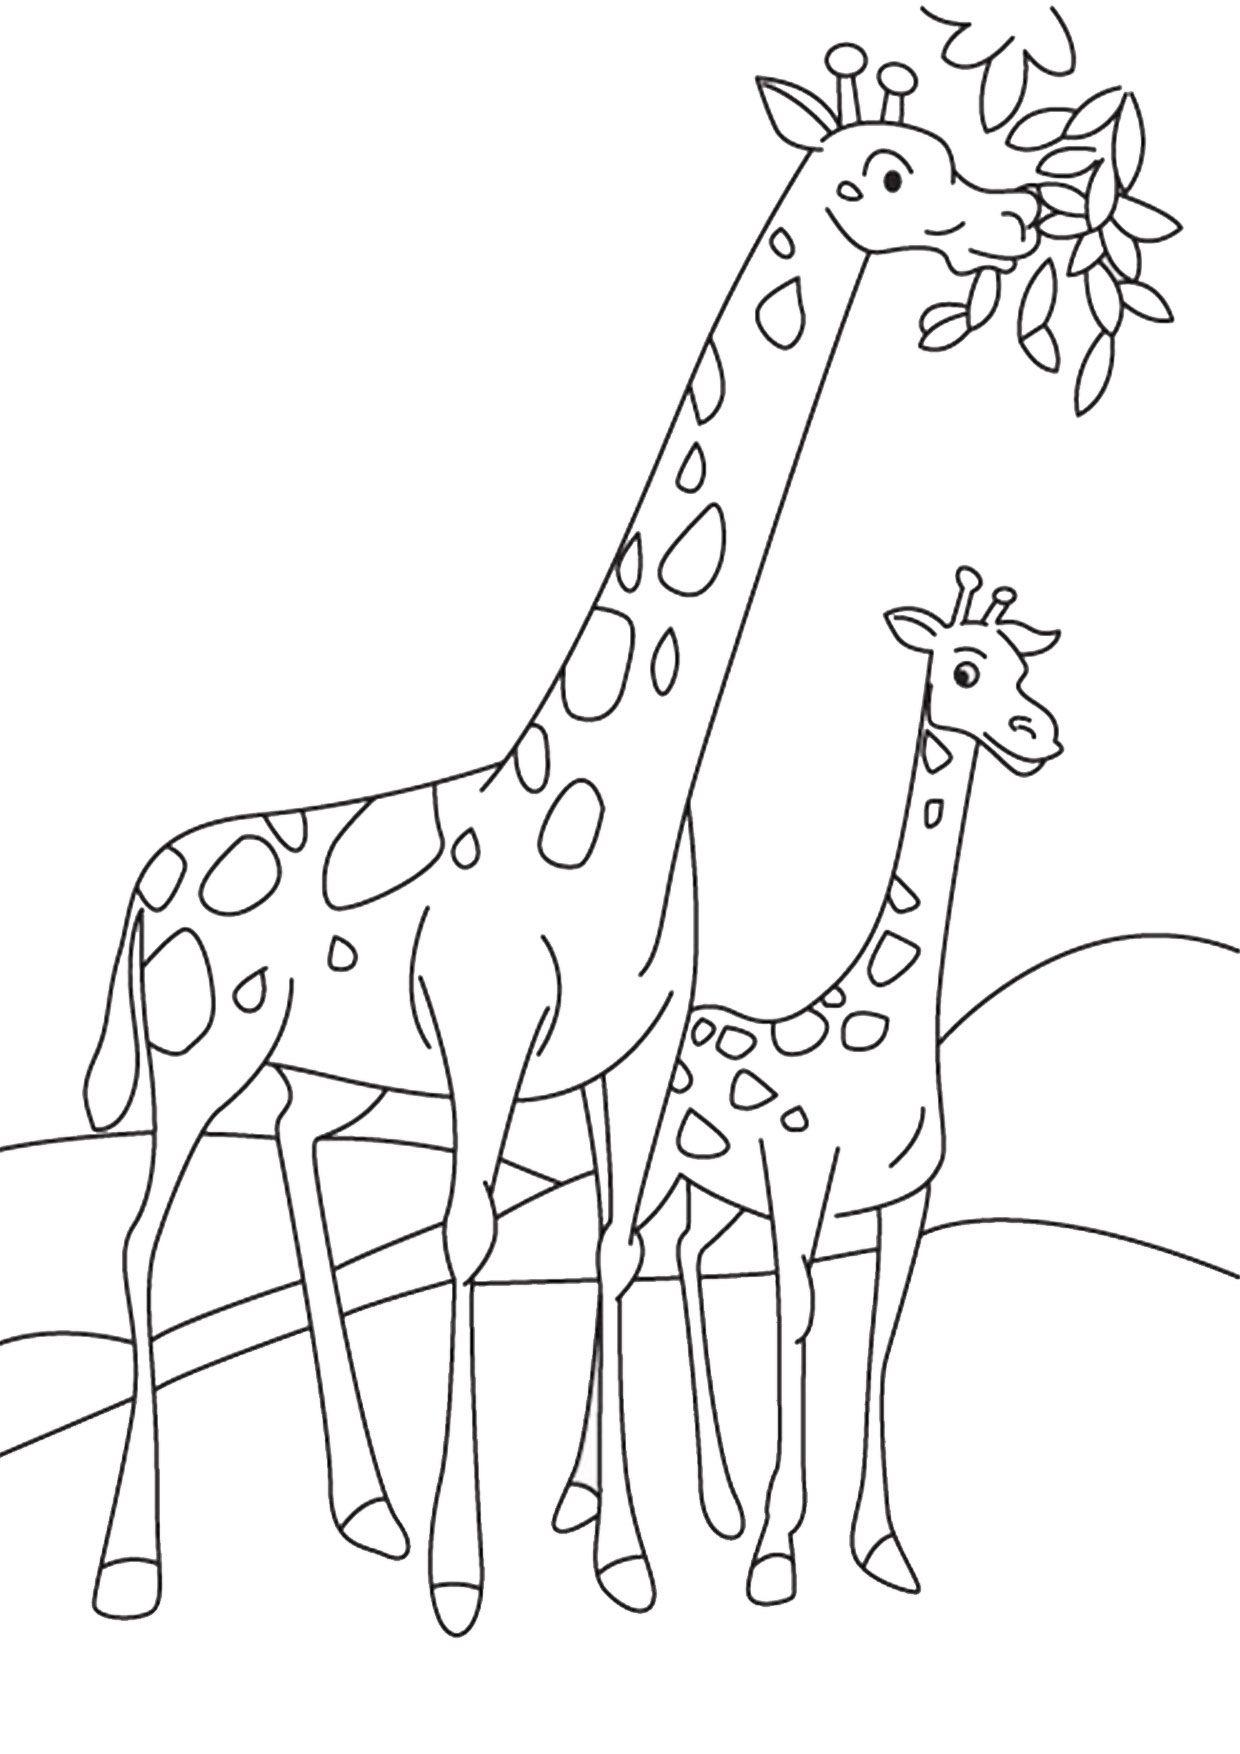 30 Disegni Di Giraffe Da Colorare Disegno Giraffa Disegni Da